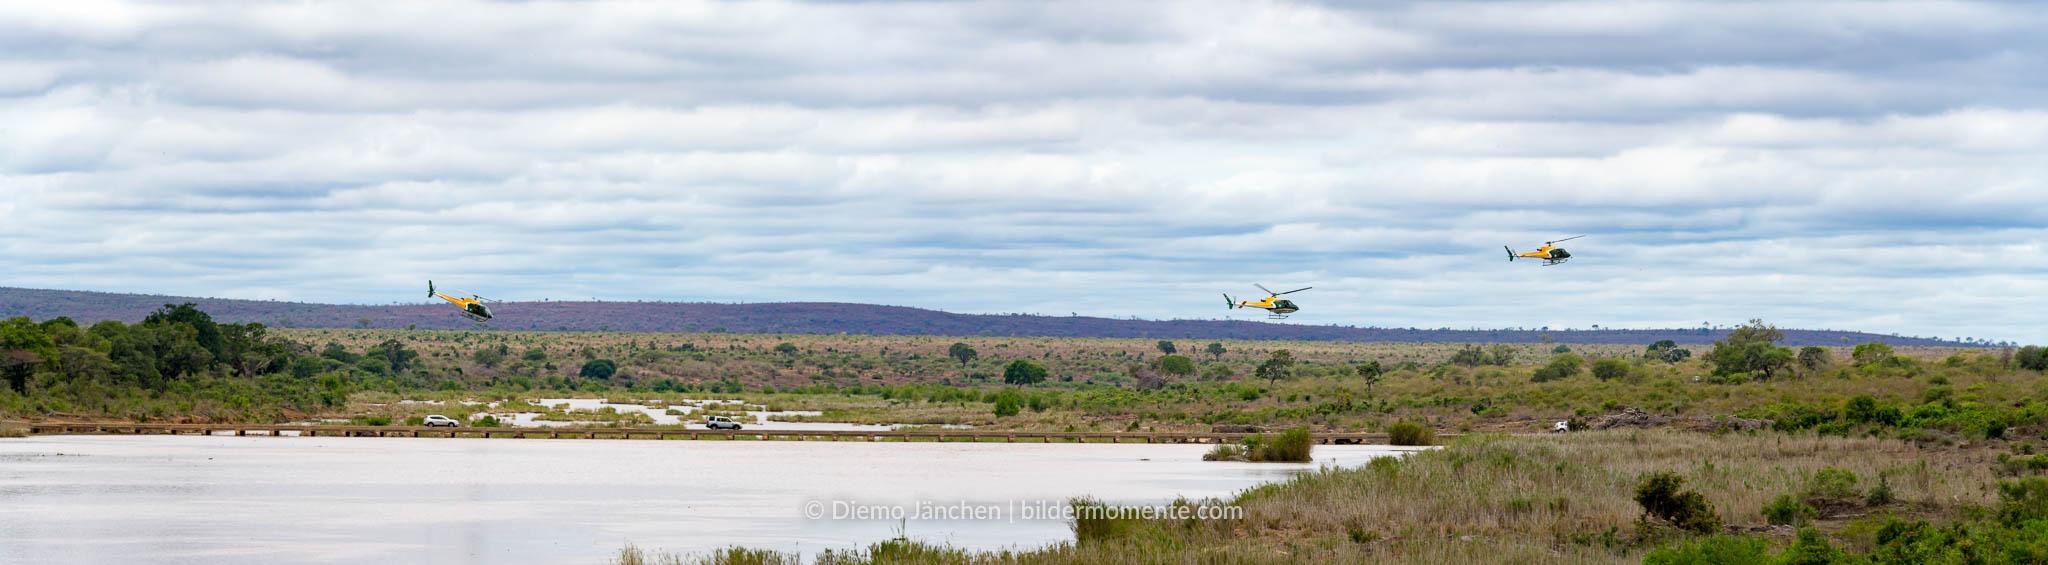 Helikopter im Kruger